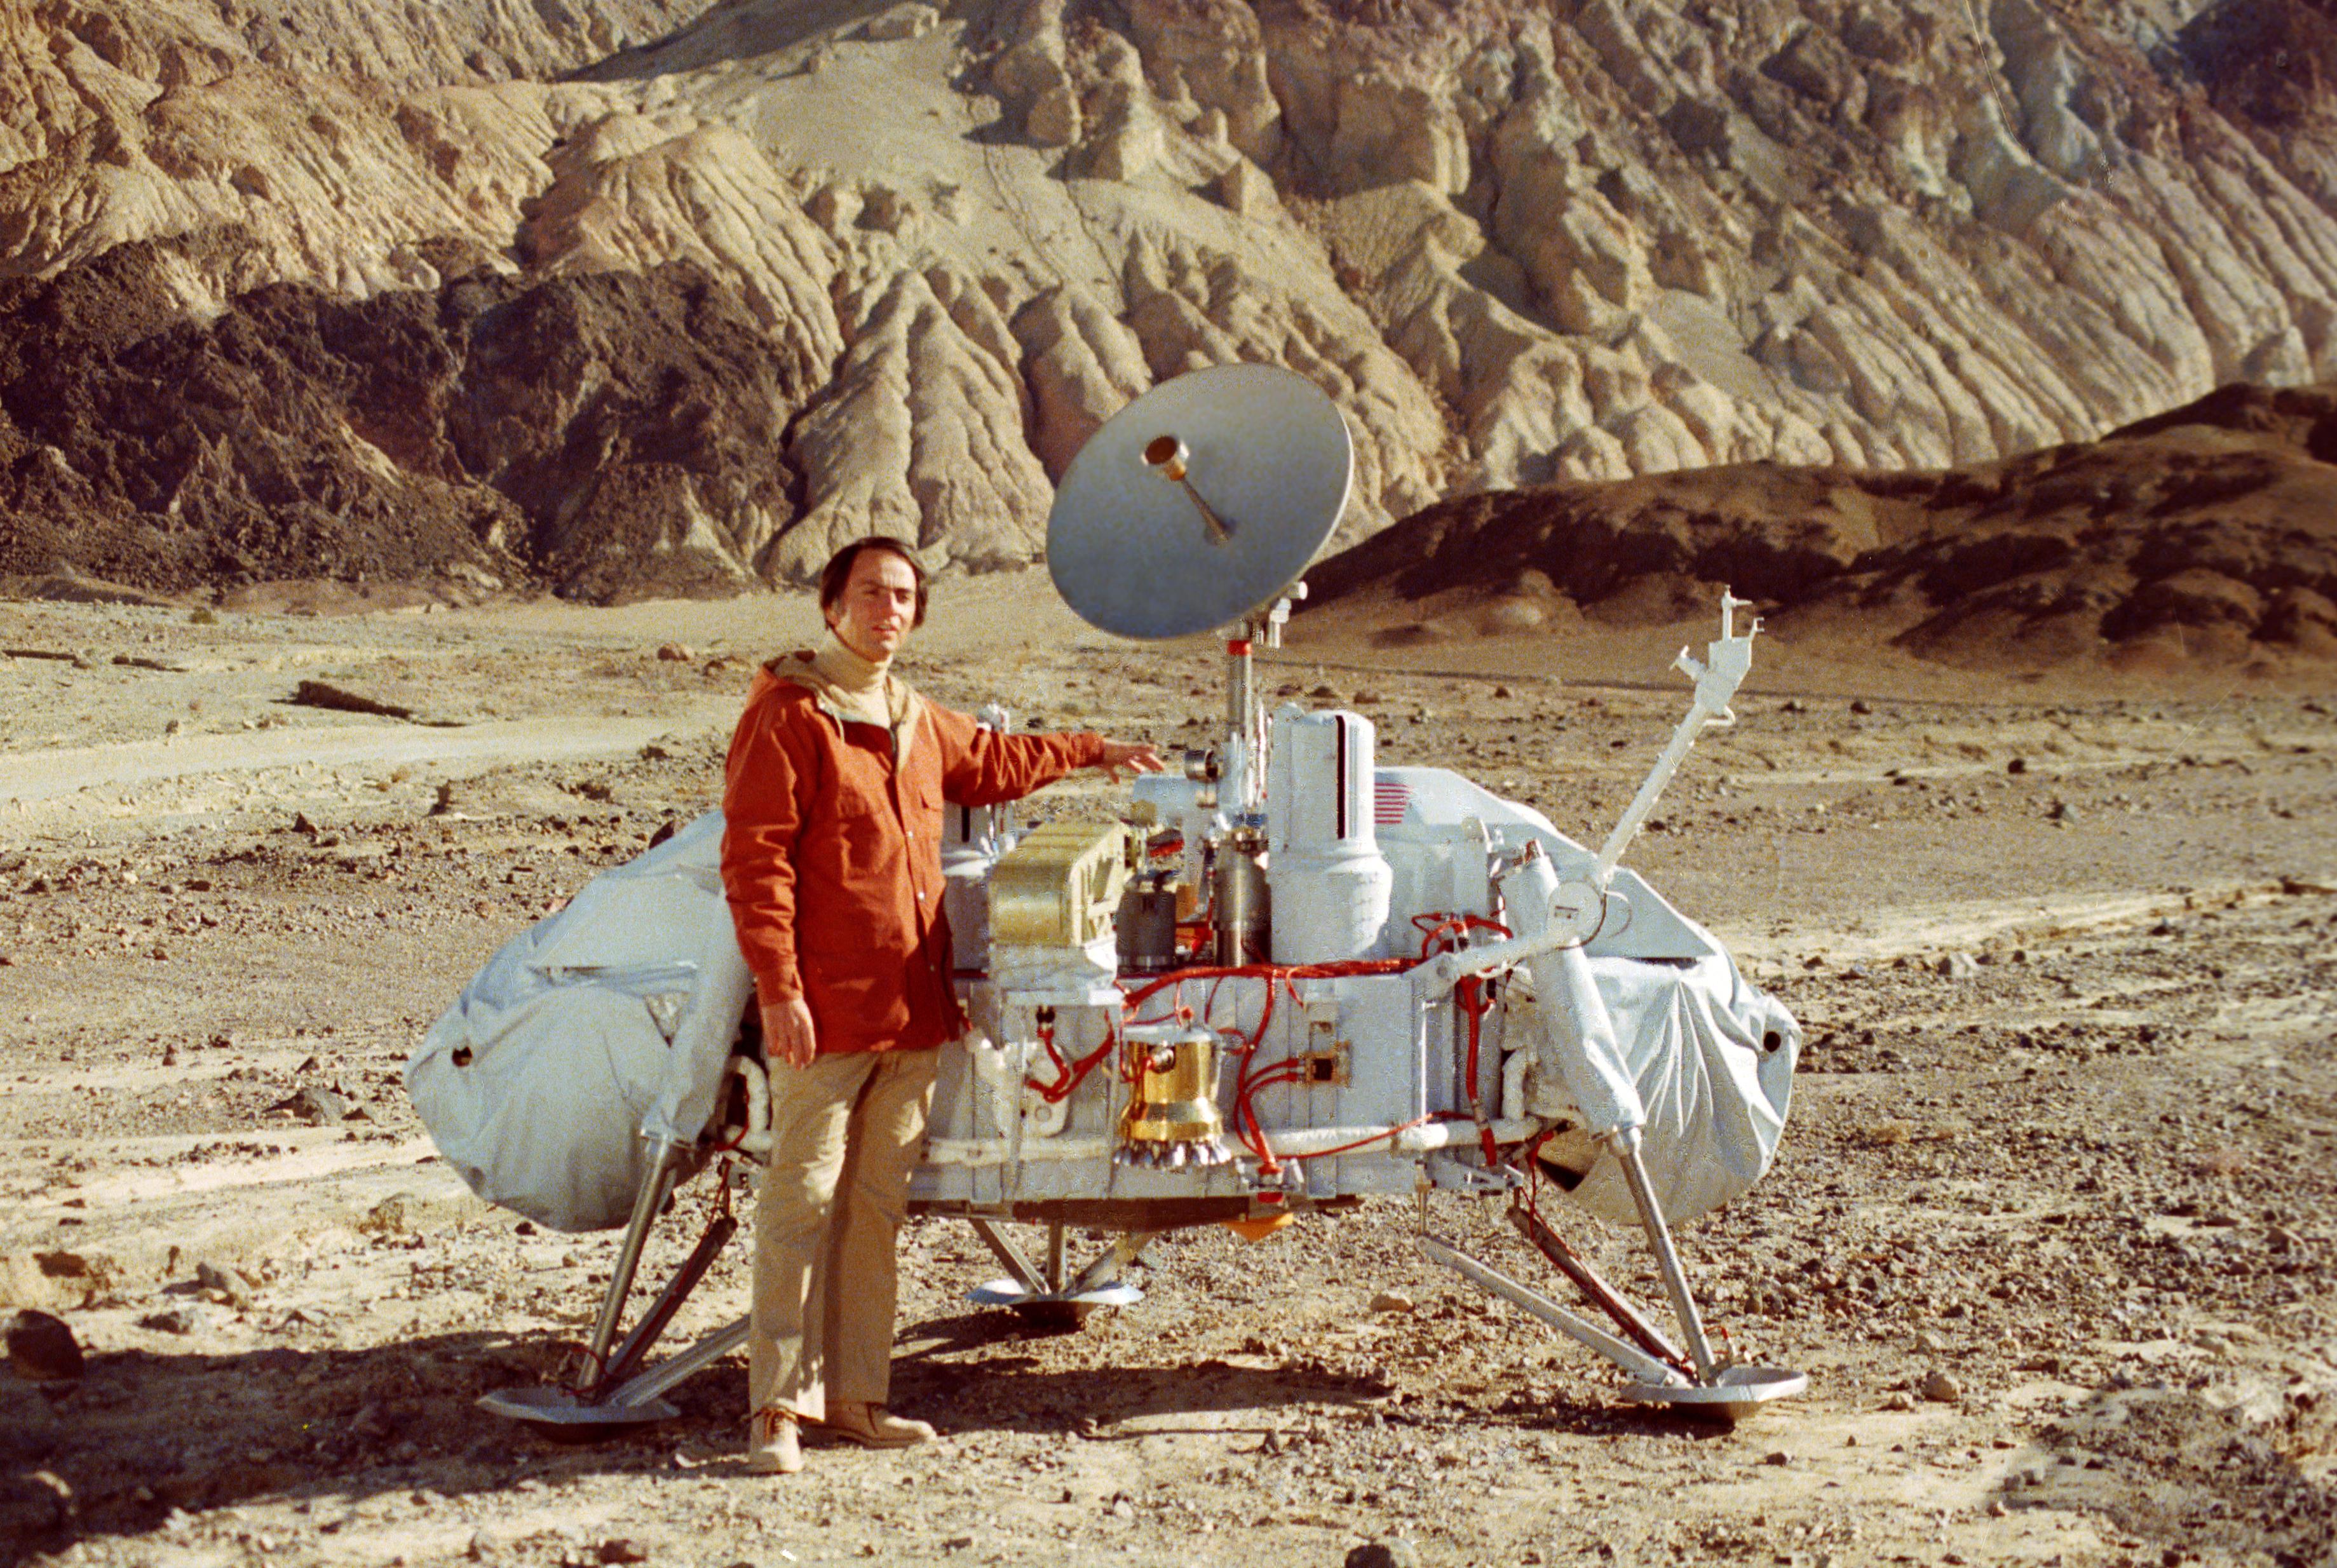 First Image of Mars | NASA